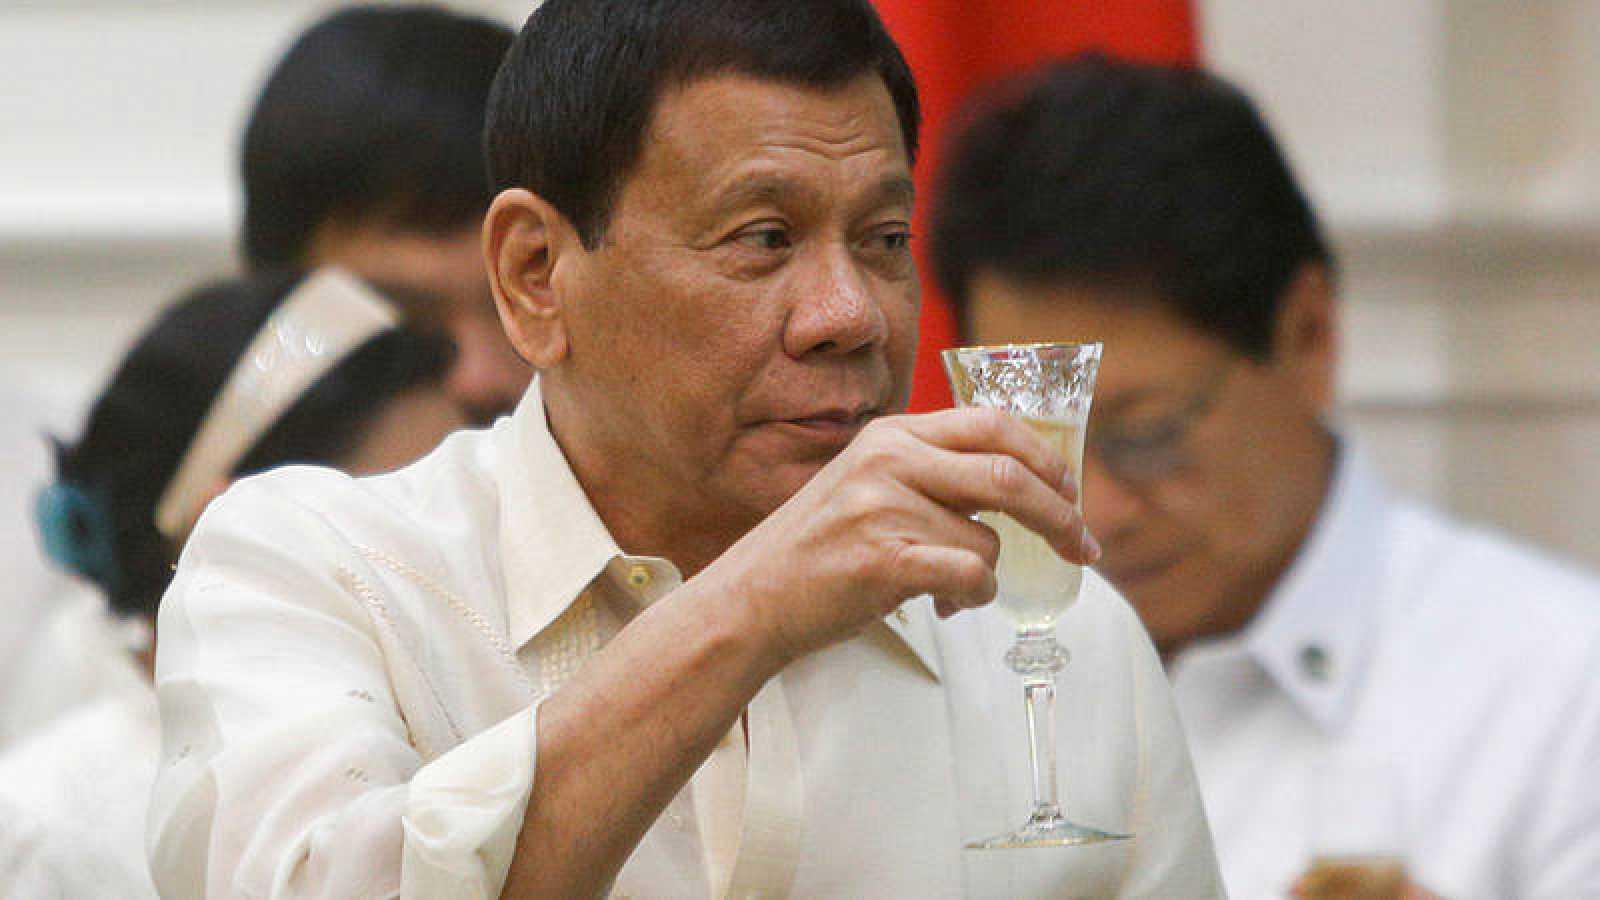 El presidente filipino, Rodrigo Duterte, brinda durante una ceremonia en Camboya este miércoles.